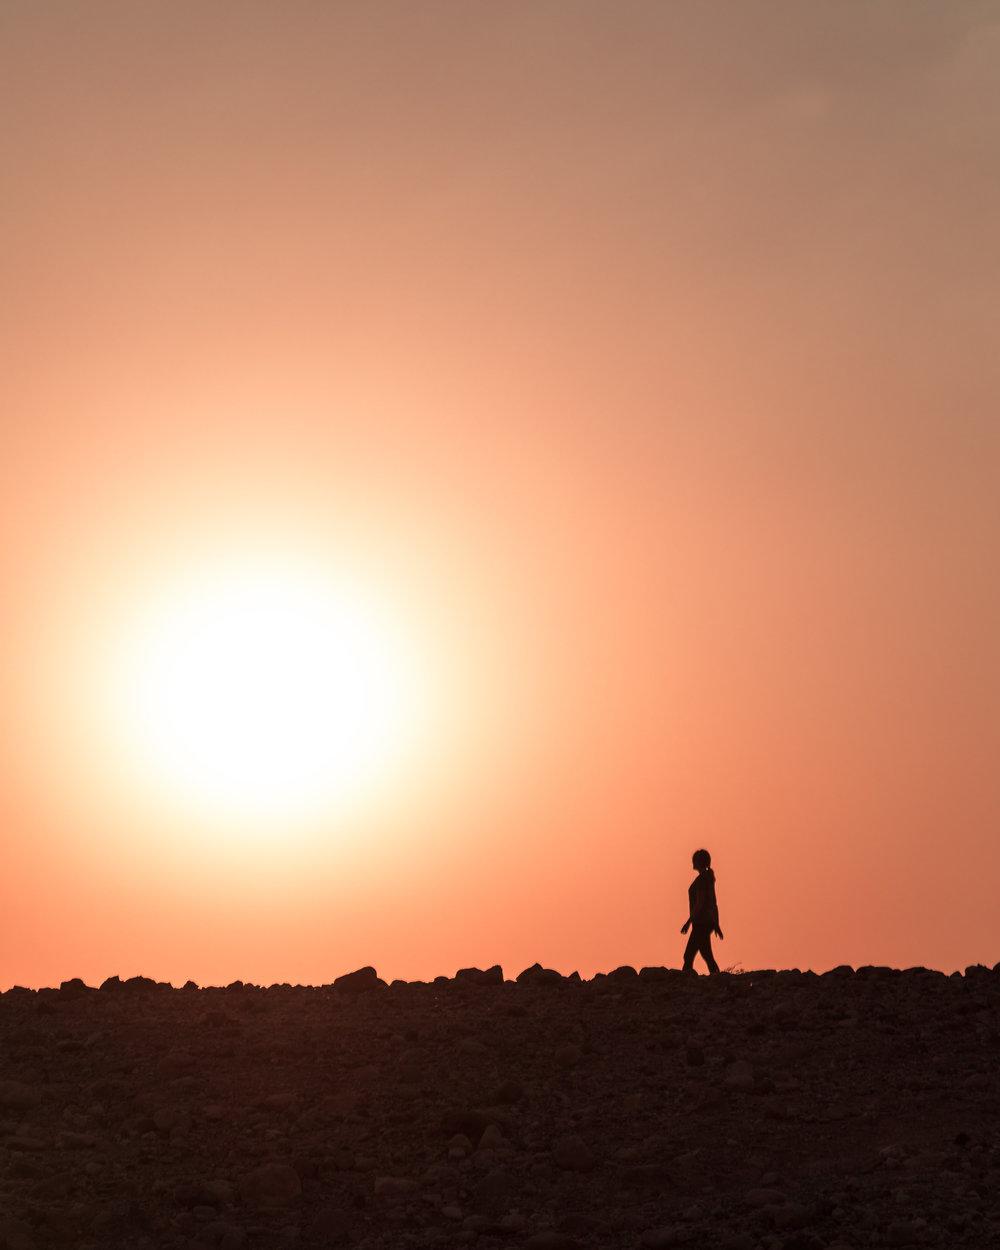 Instagrammable spots in Jordan - Sunset at Feynan